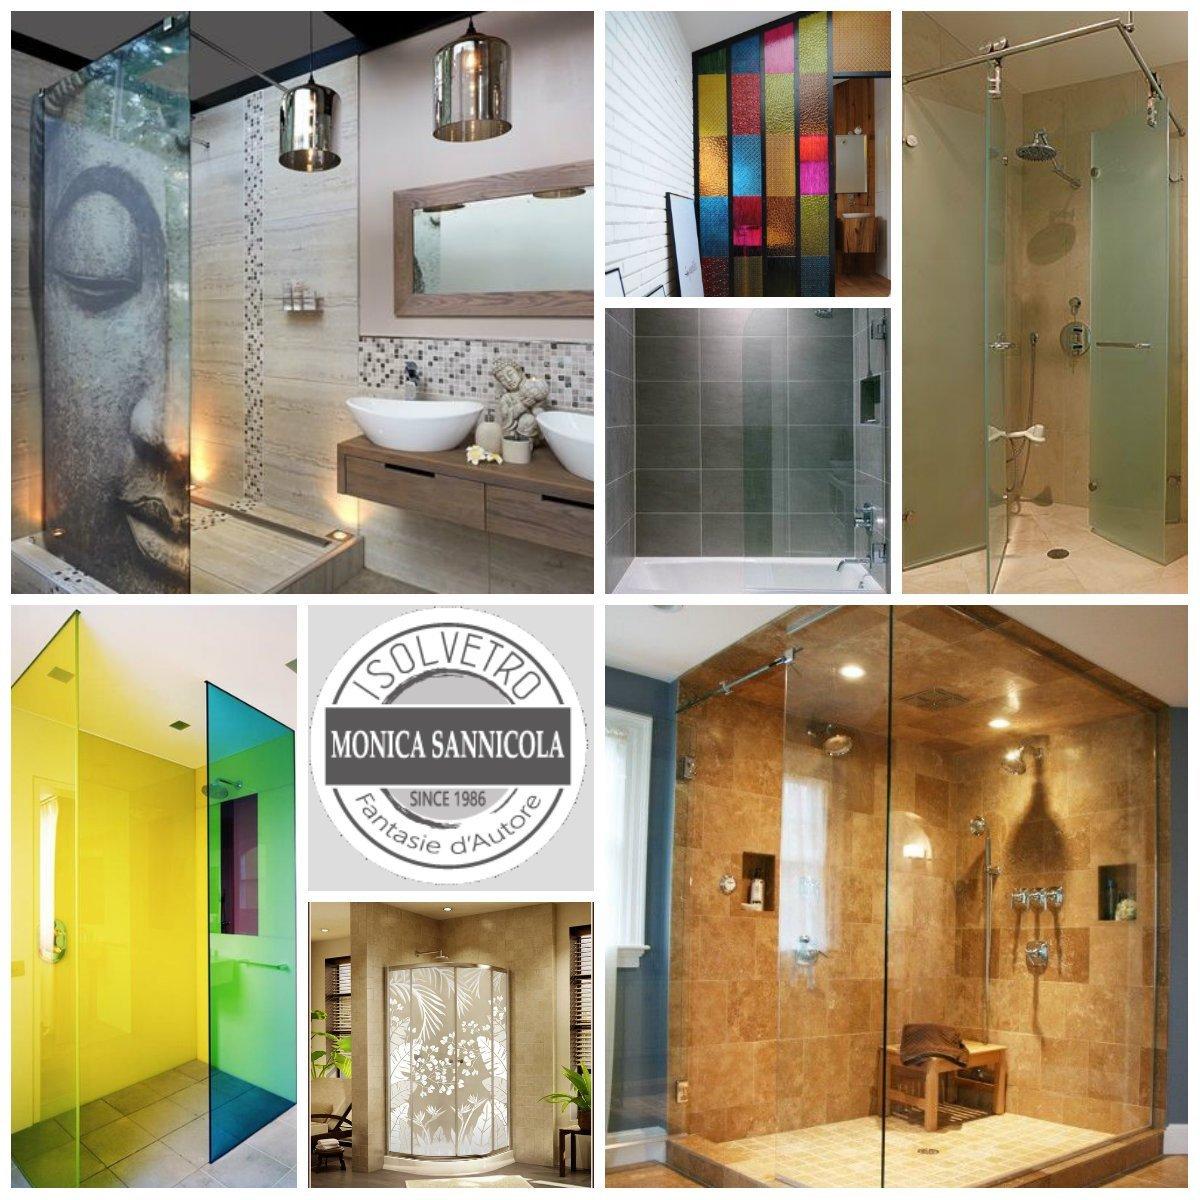 immagini di docce con vetro classico, colorato o con fantasia